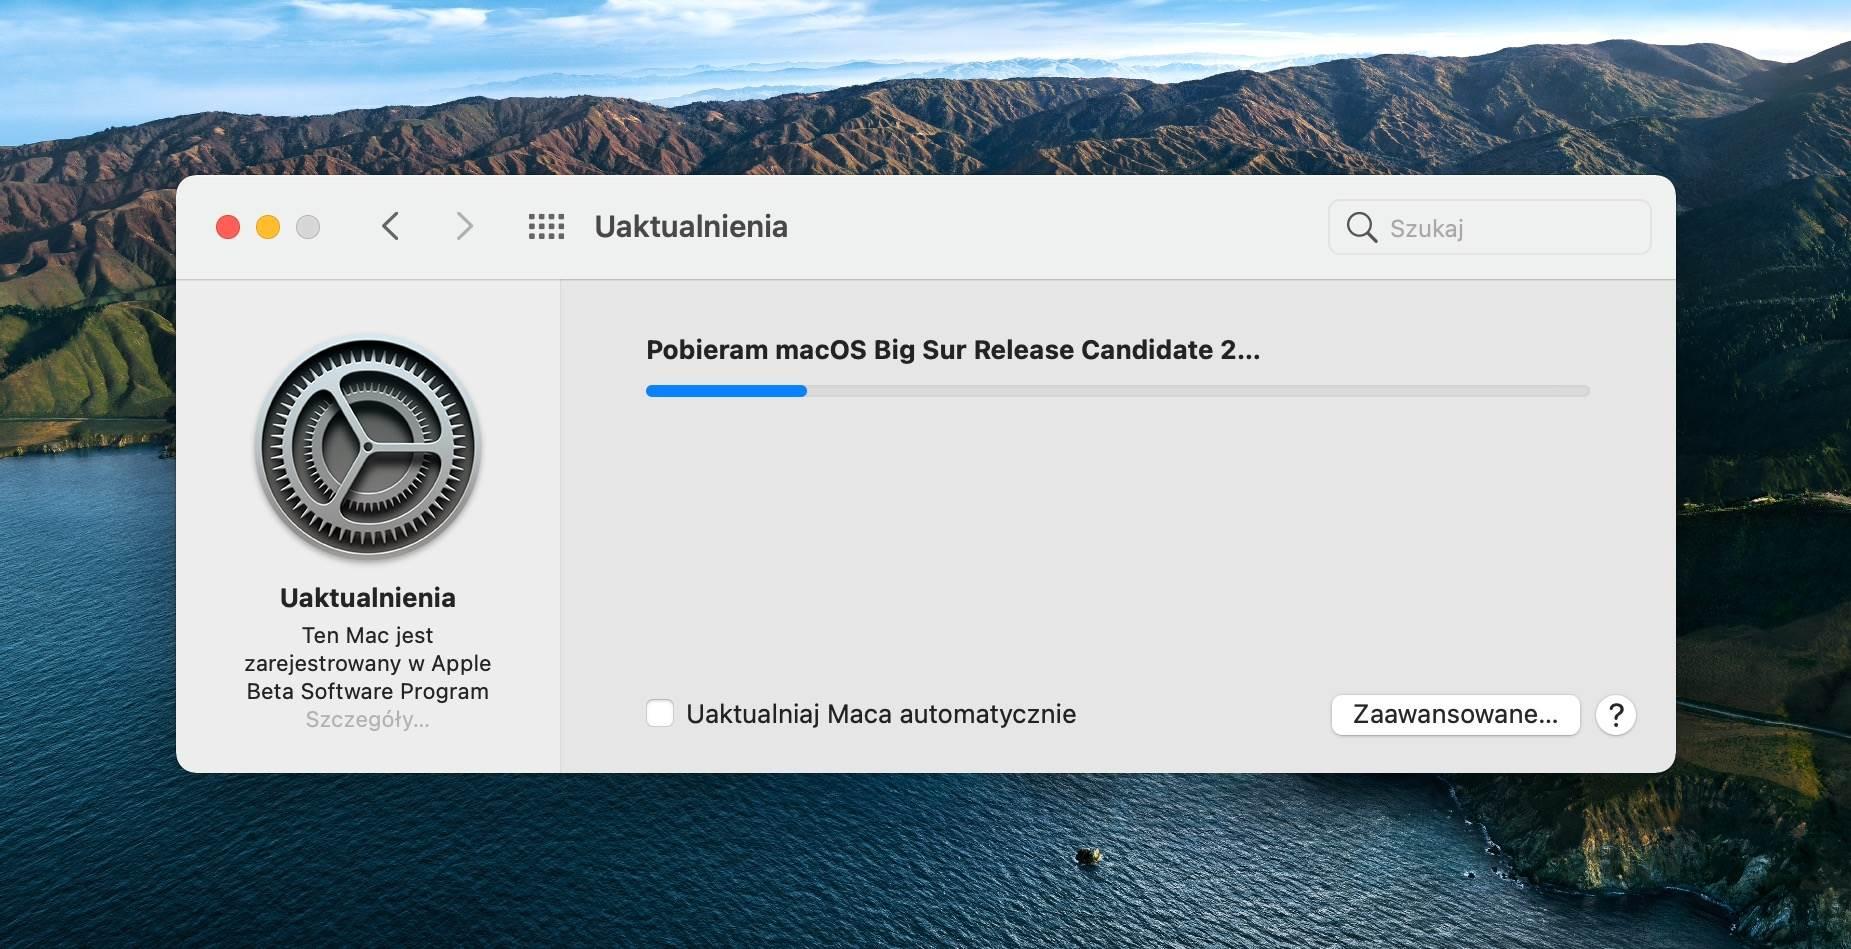 Apple wypuściło macOS Big Sur 11.0.1 Release Candidate 2 polecane, ciekawostki macOS Big Sur beta, macOS Big Sur 11.0.1 Release Candidate 2, lista nowosci, co nowego  W dniu wczorajszym niemal natychmiast po zakończeniu się konferencji ?One more thing?, Apple udostępniło programistom drugą betę macOS Big Sur 11.0.1. bigsur 2